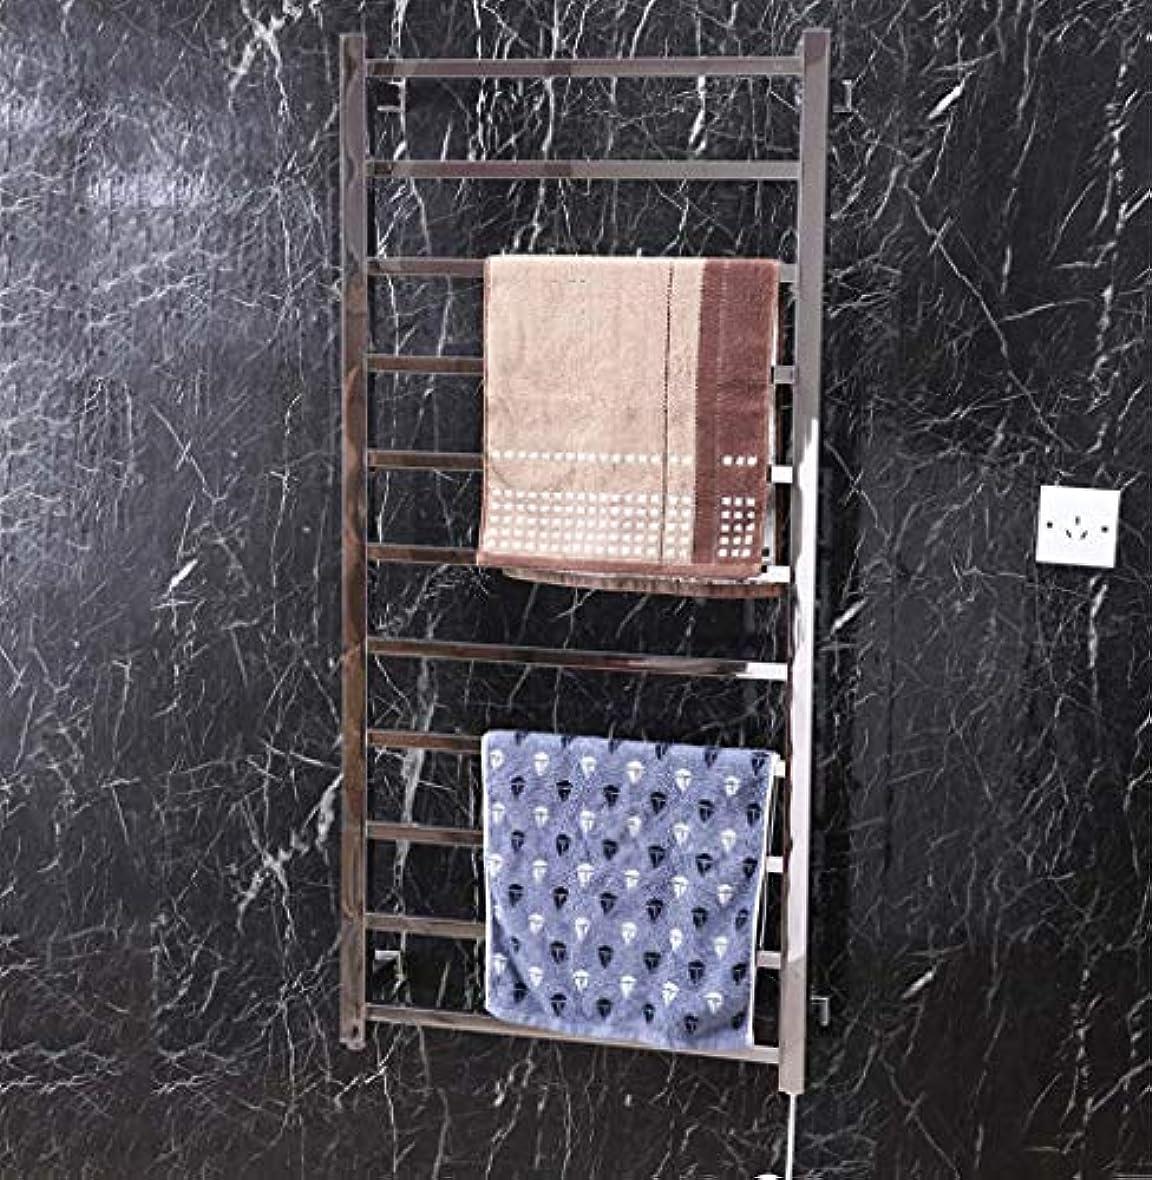 集める価格刺す壁掛け式電気タオルウォーマー、304ステンレススチール製インテリジェント電気タオルラジエーター、サーモスタット滅菌、浴室棚1200X560X125mm